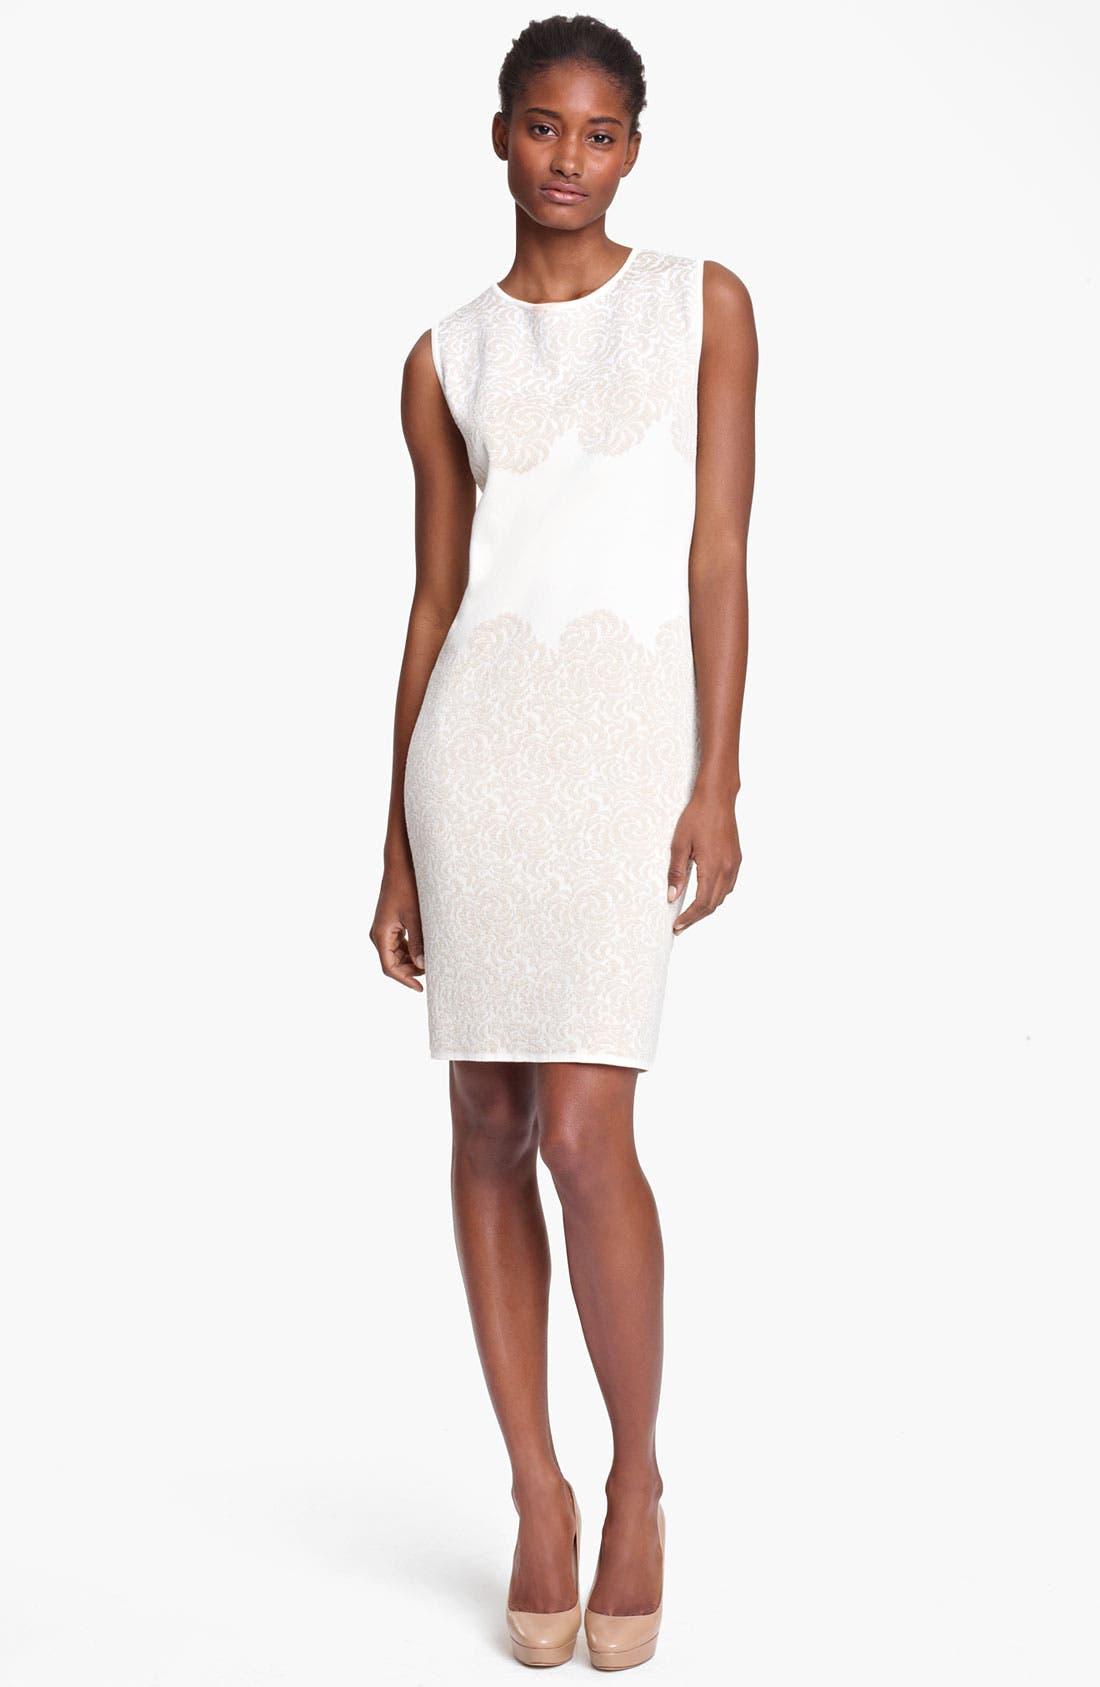 Main Image - Max Mara 'Emma' Sleeveless Knit Dress